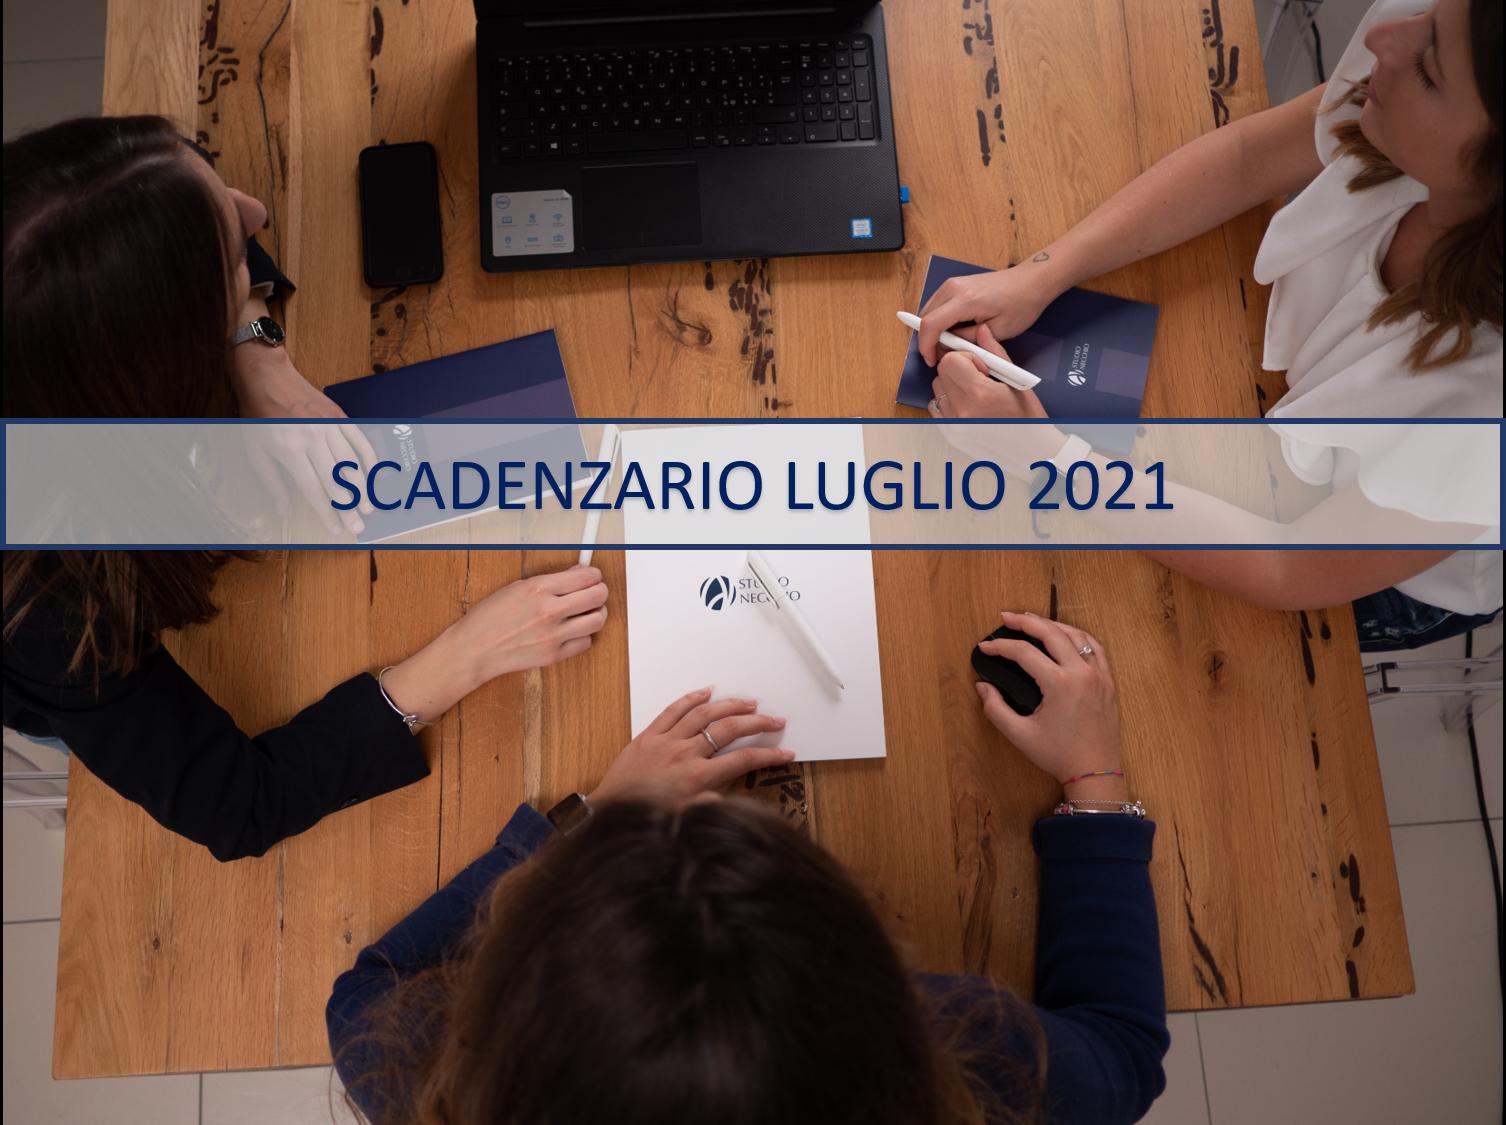 SCADENZARIO LUGLIO 2021